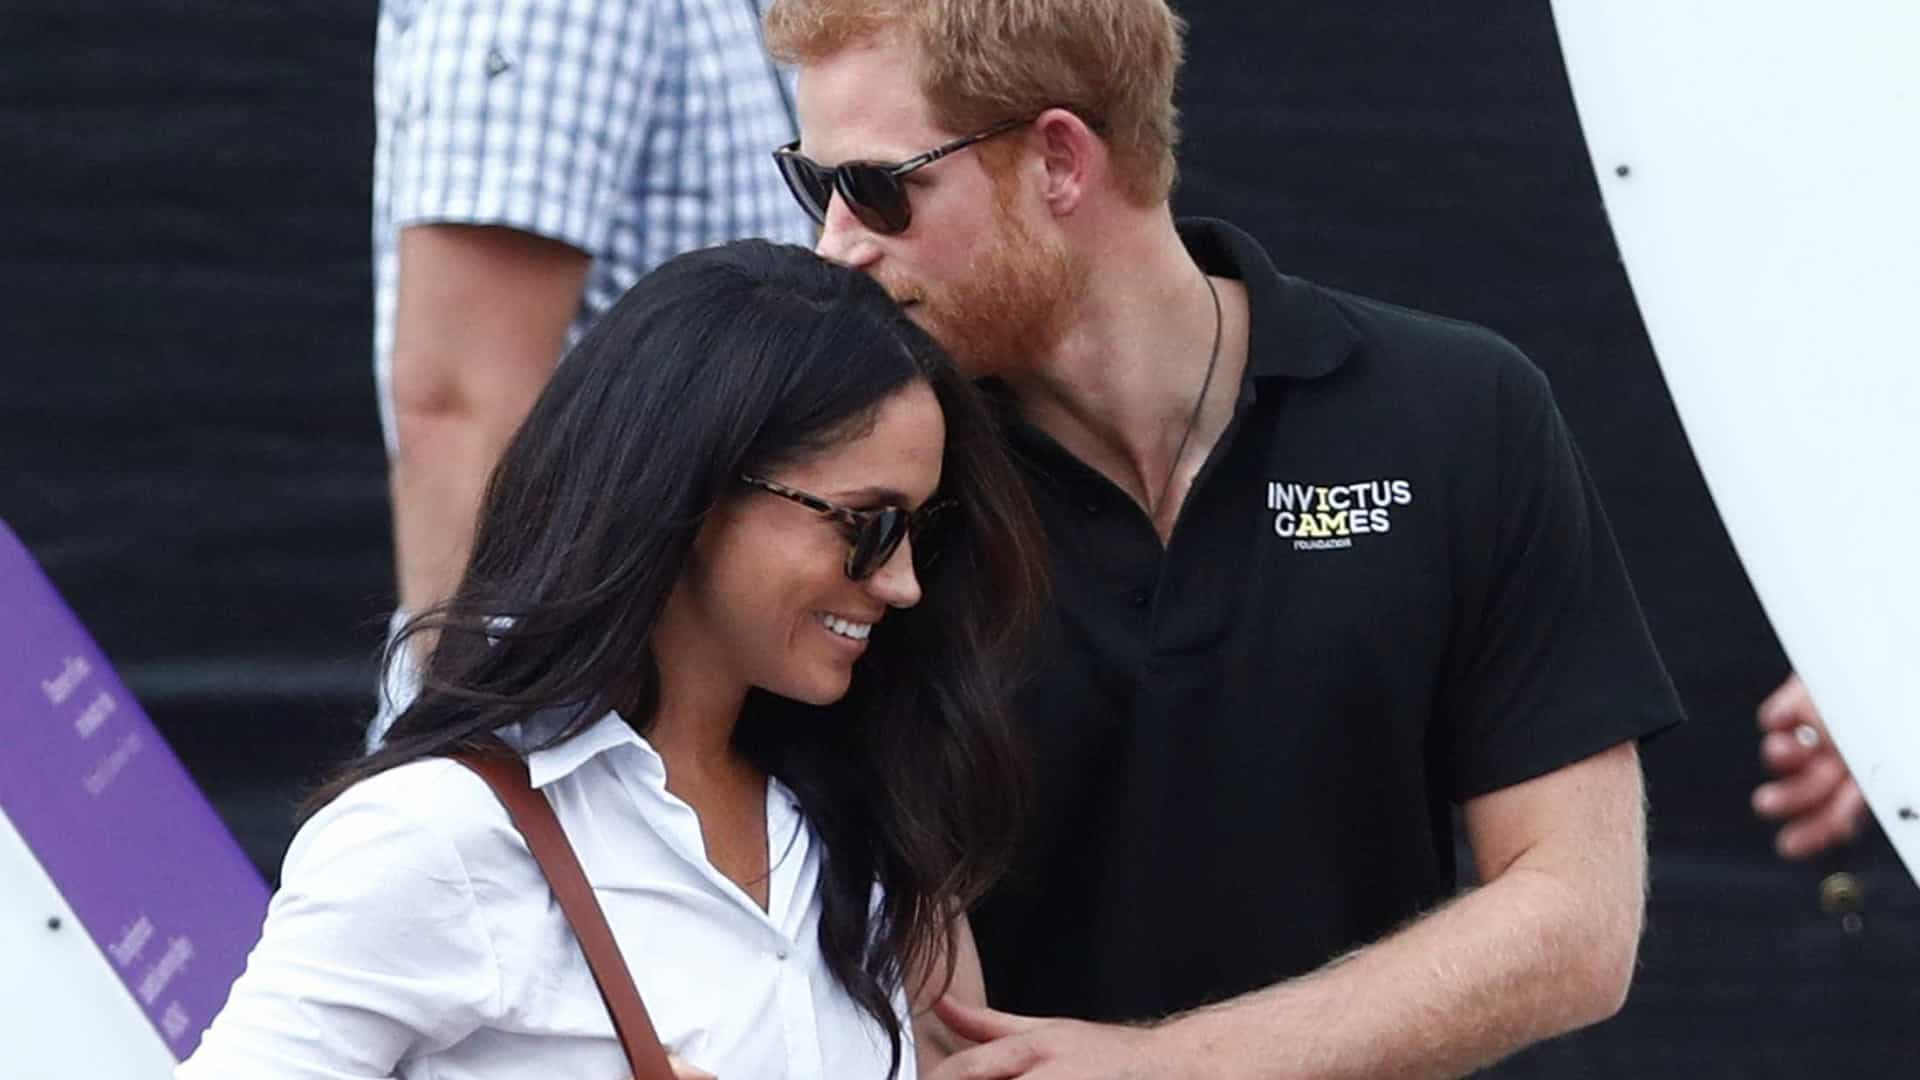 Príncipe Harry está oficialmente noivo de Meghan Markle